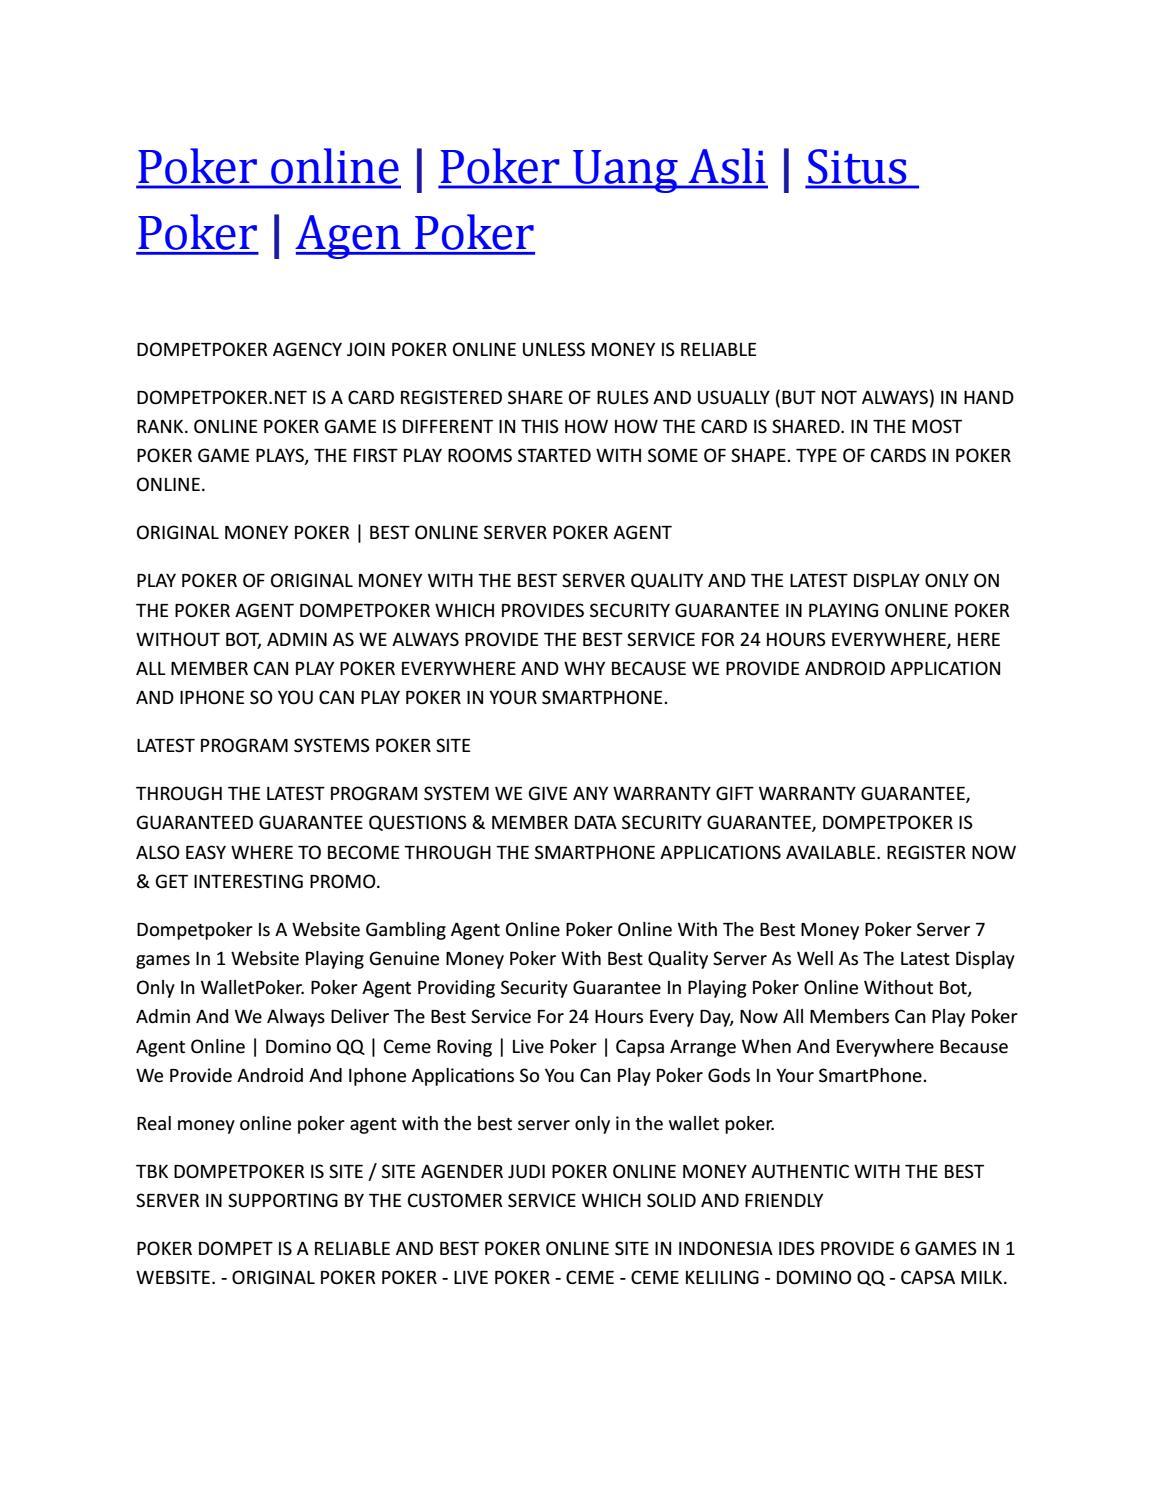 Poker Online By Poker 99 Issuu